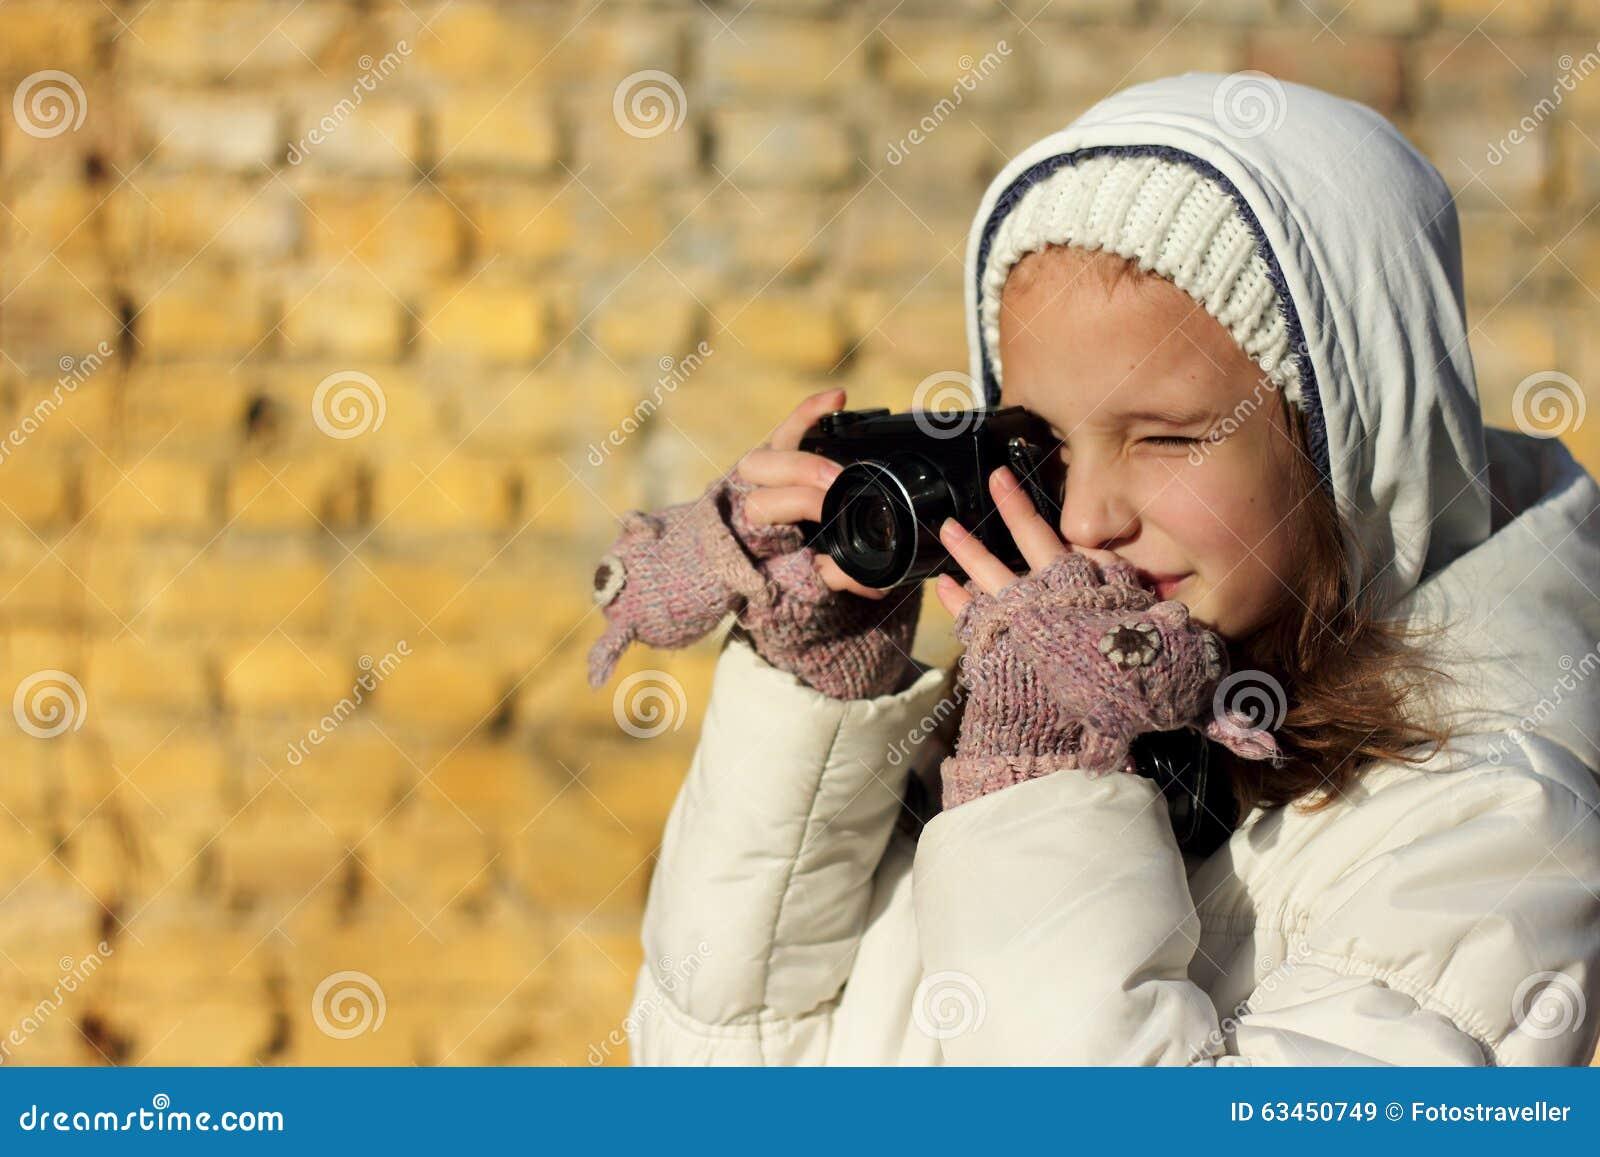 Φωτογραφίες εφήβων